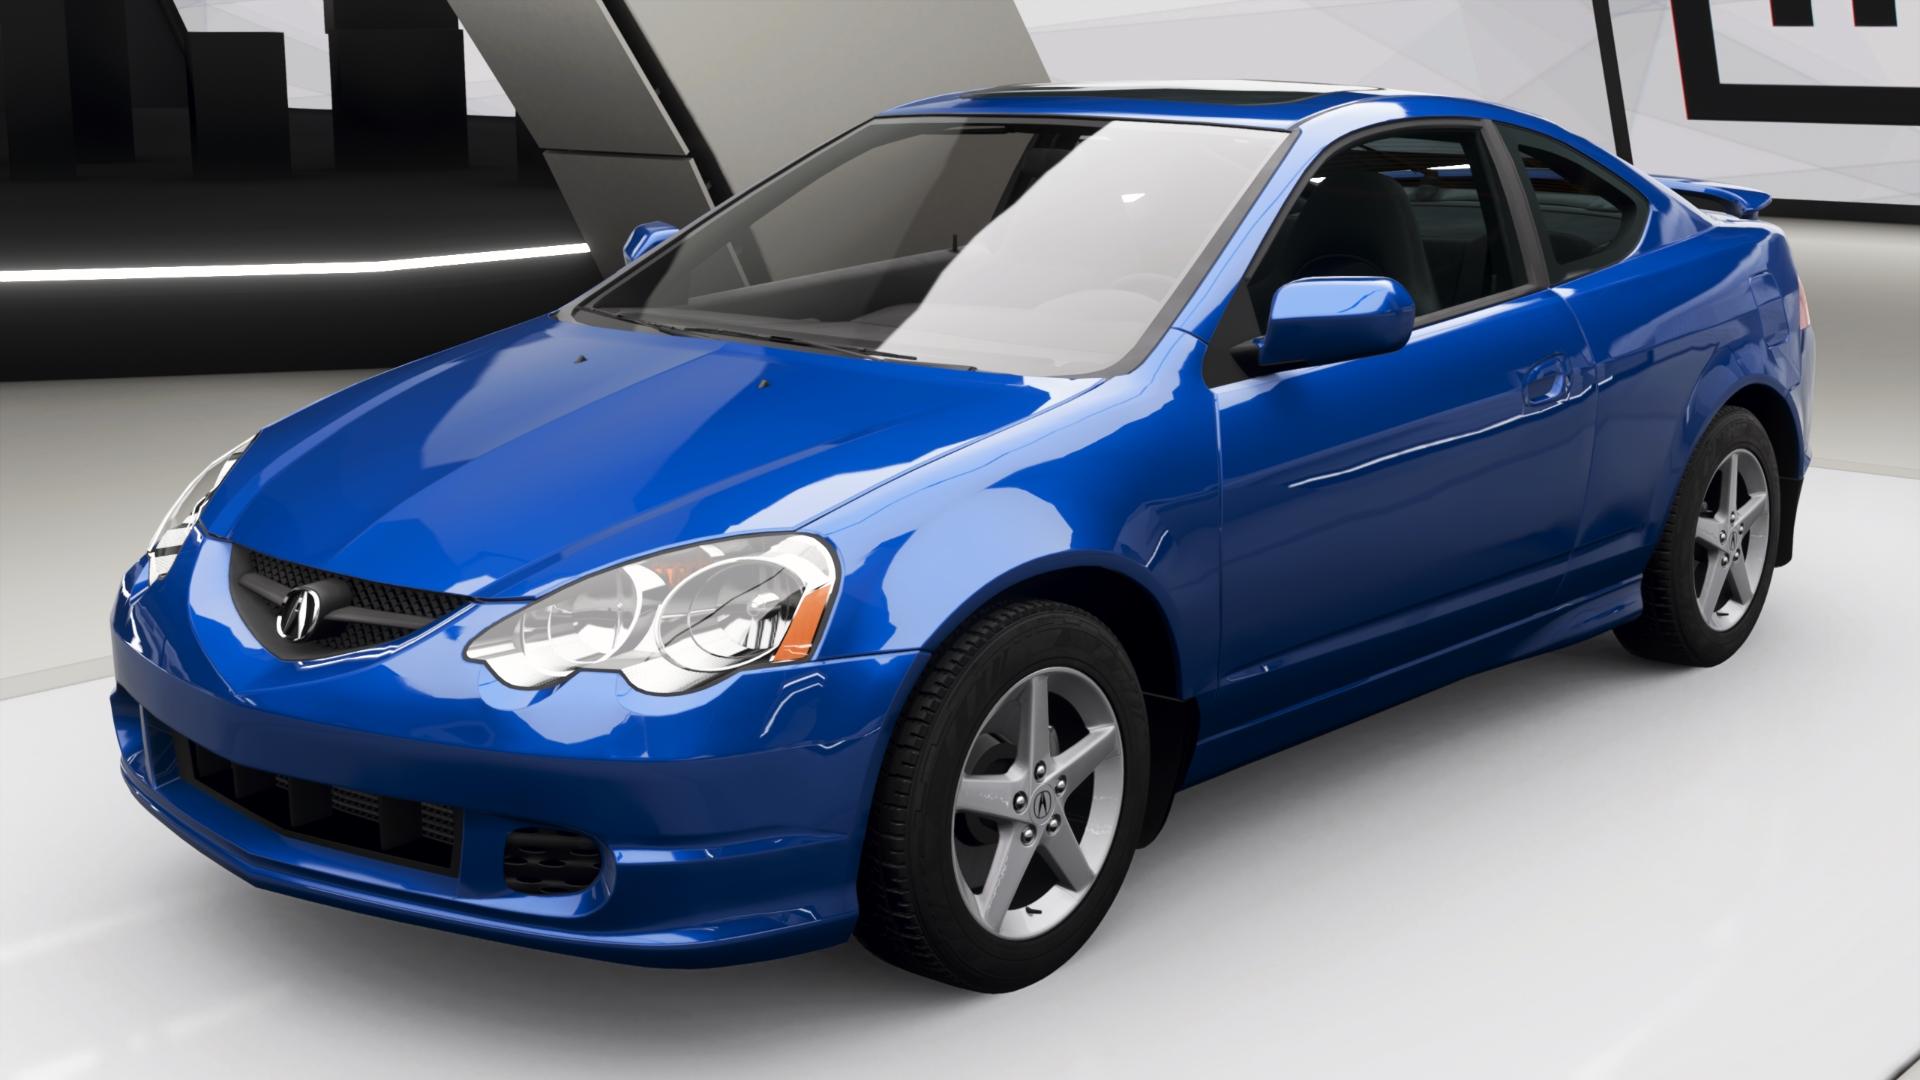 Acura RSX Type-S | Forza Motorsport Wiki | FANDOM powered by Wikia